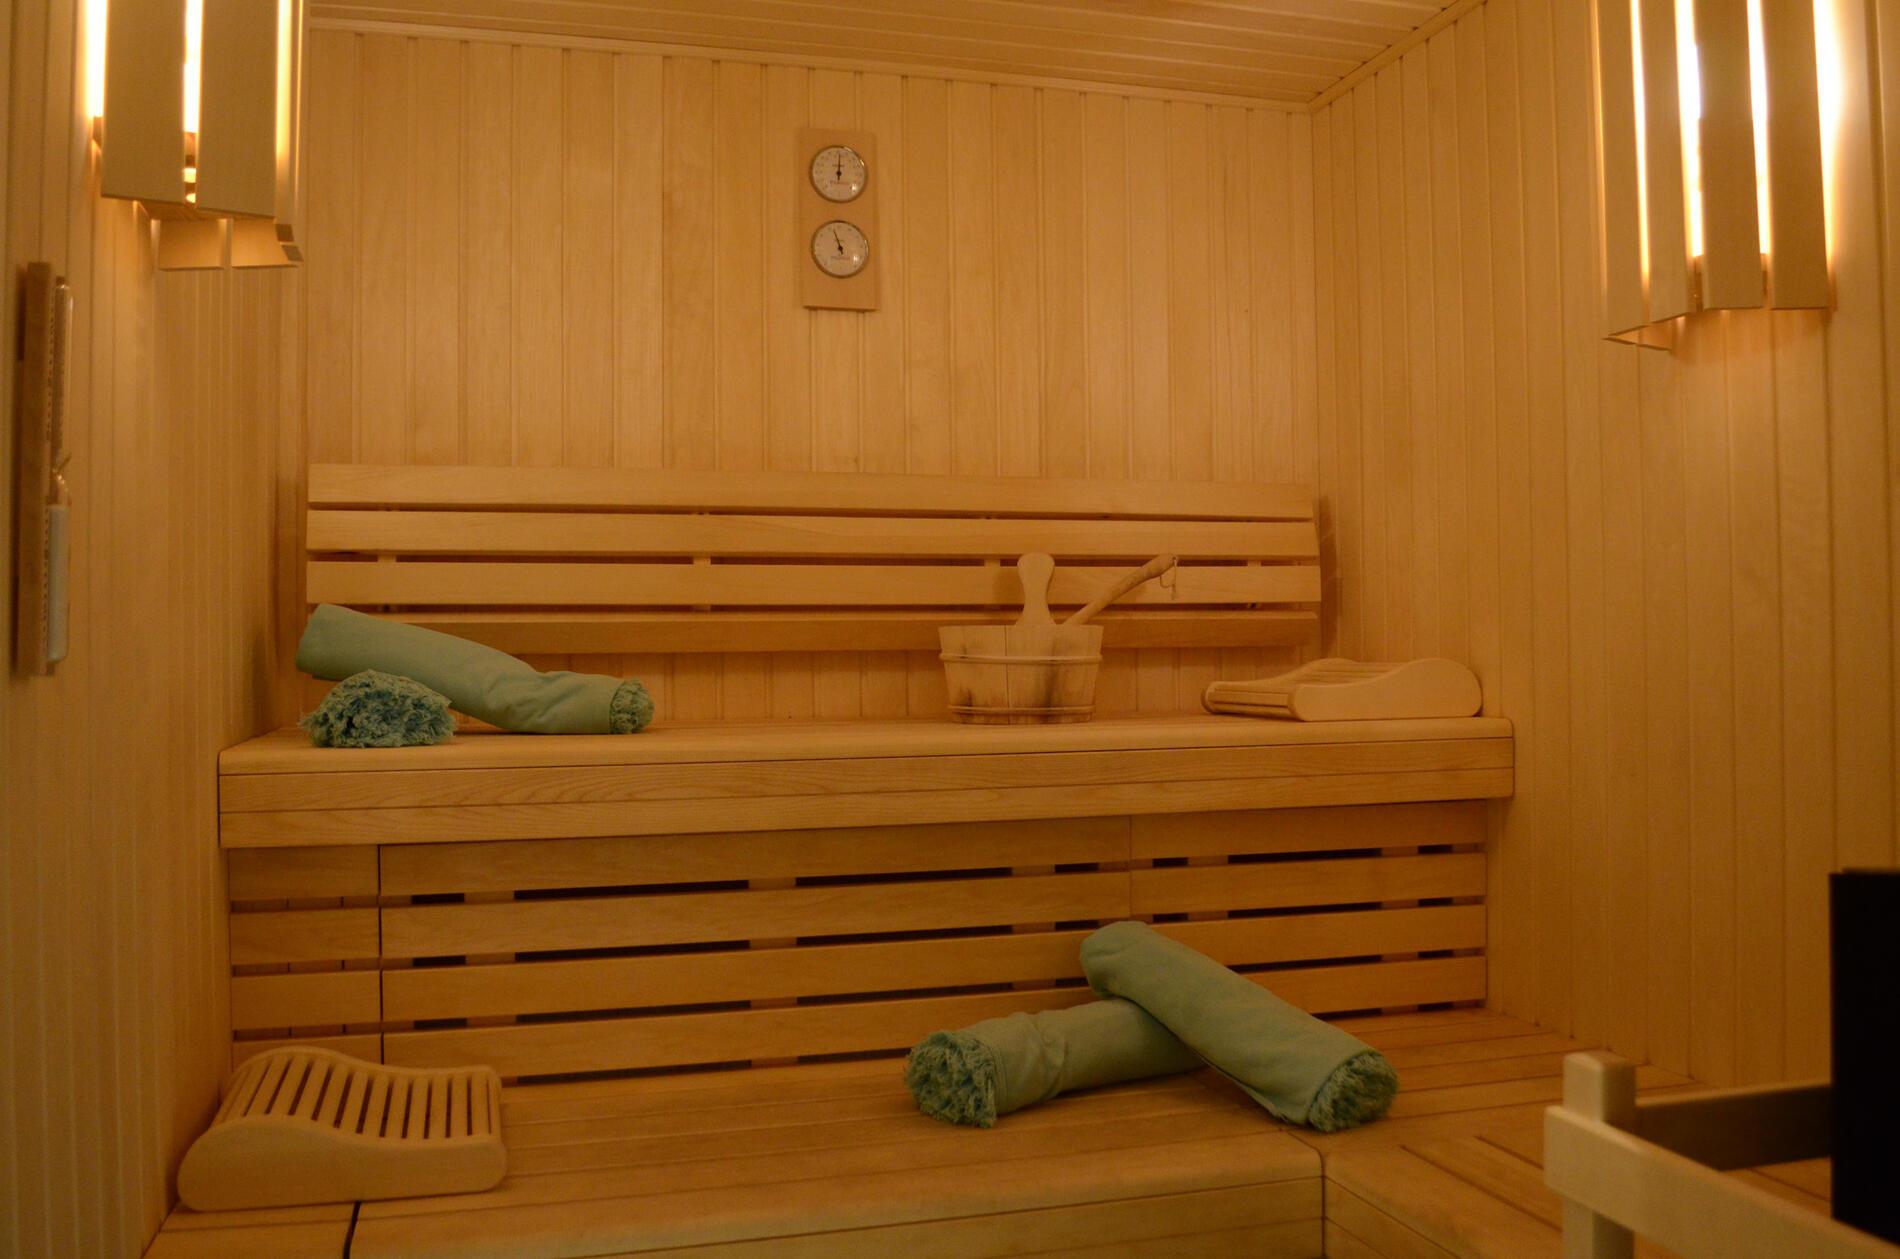 Sauna at Hotel Anne d'Anjou in Saumur, France